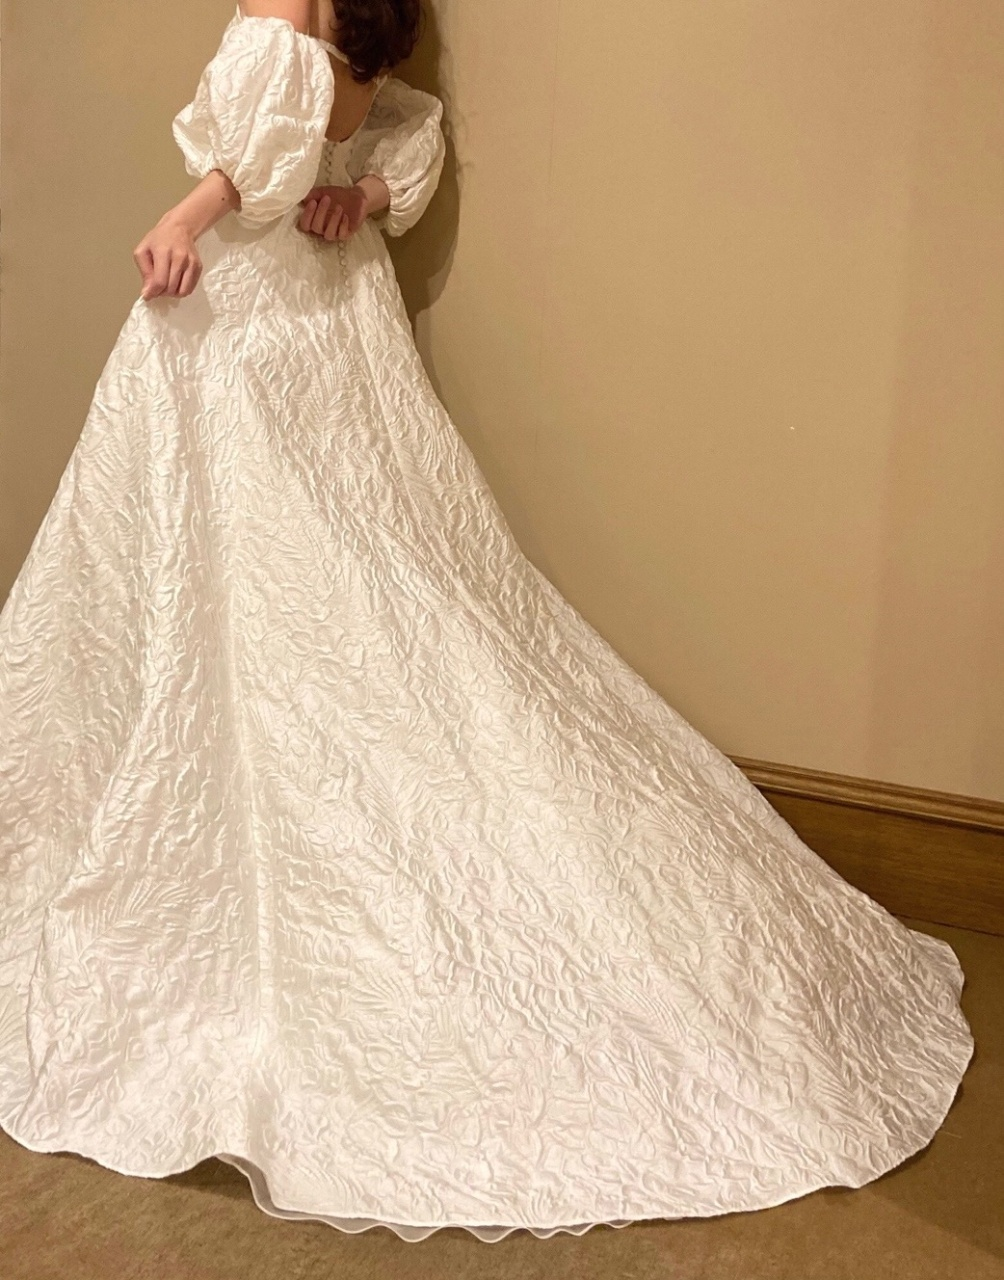 フラワーモチーフのジャガード素材が愛らしく、柔らかでふんわりとしたボリュームのあるウエディングドレス